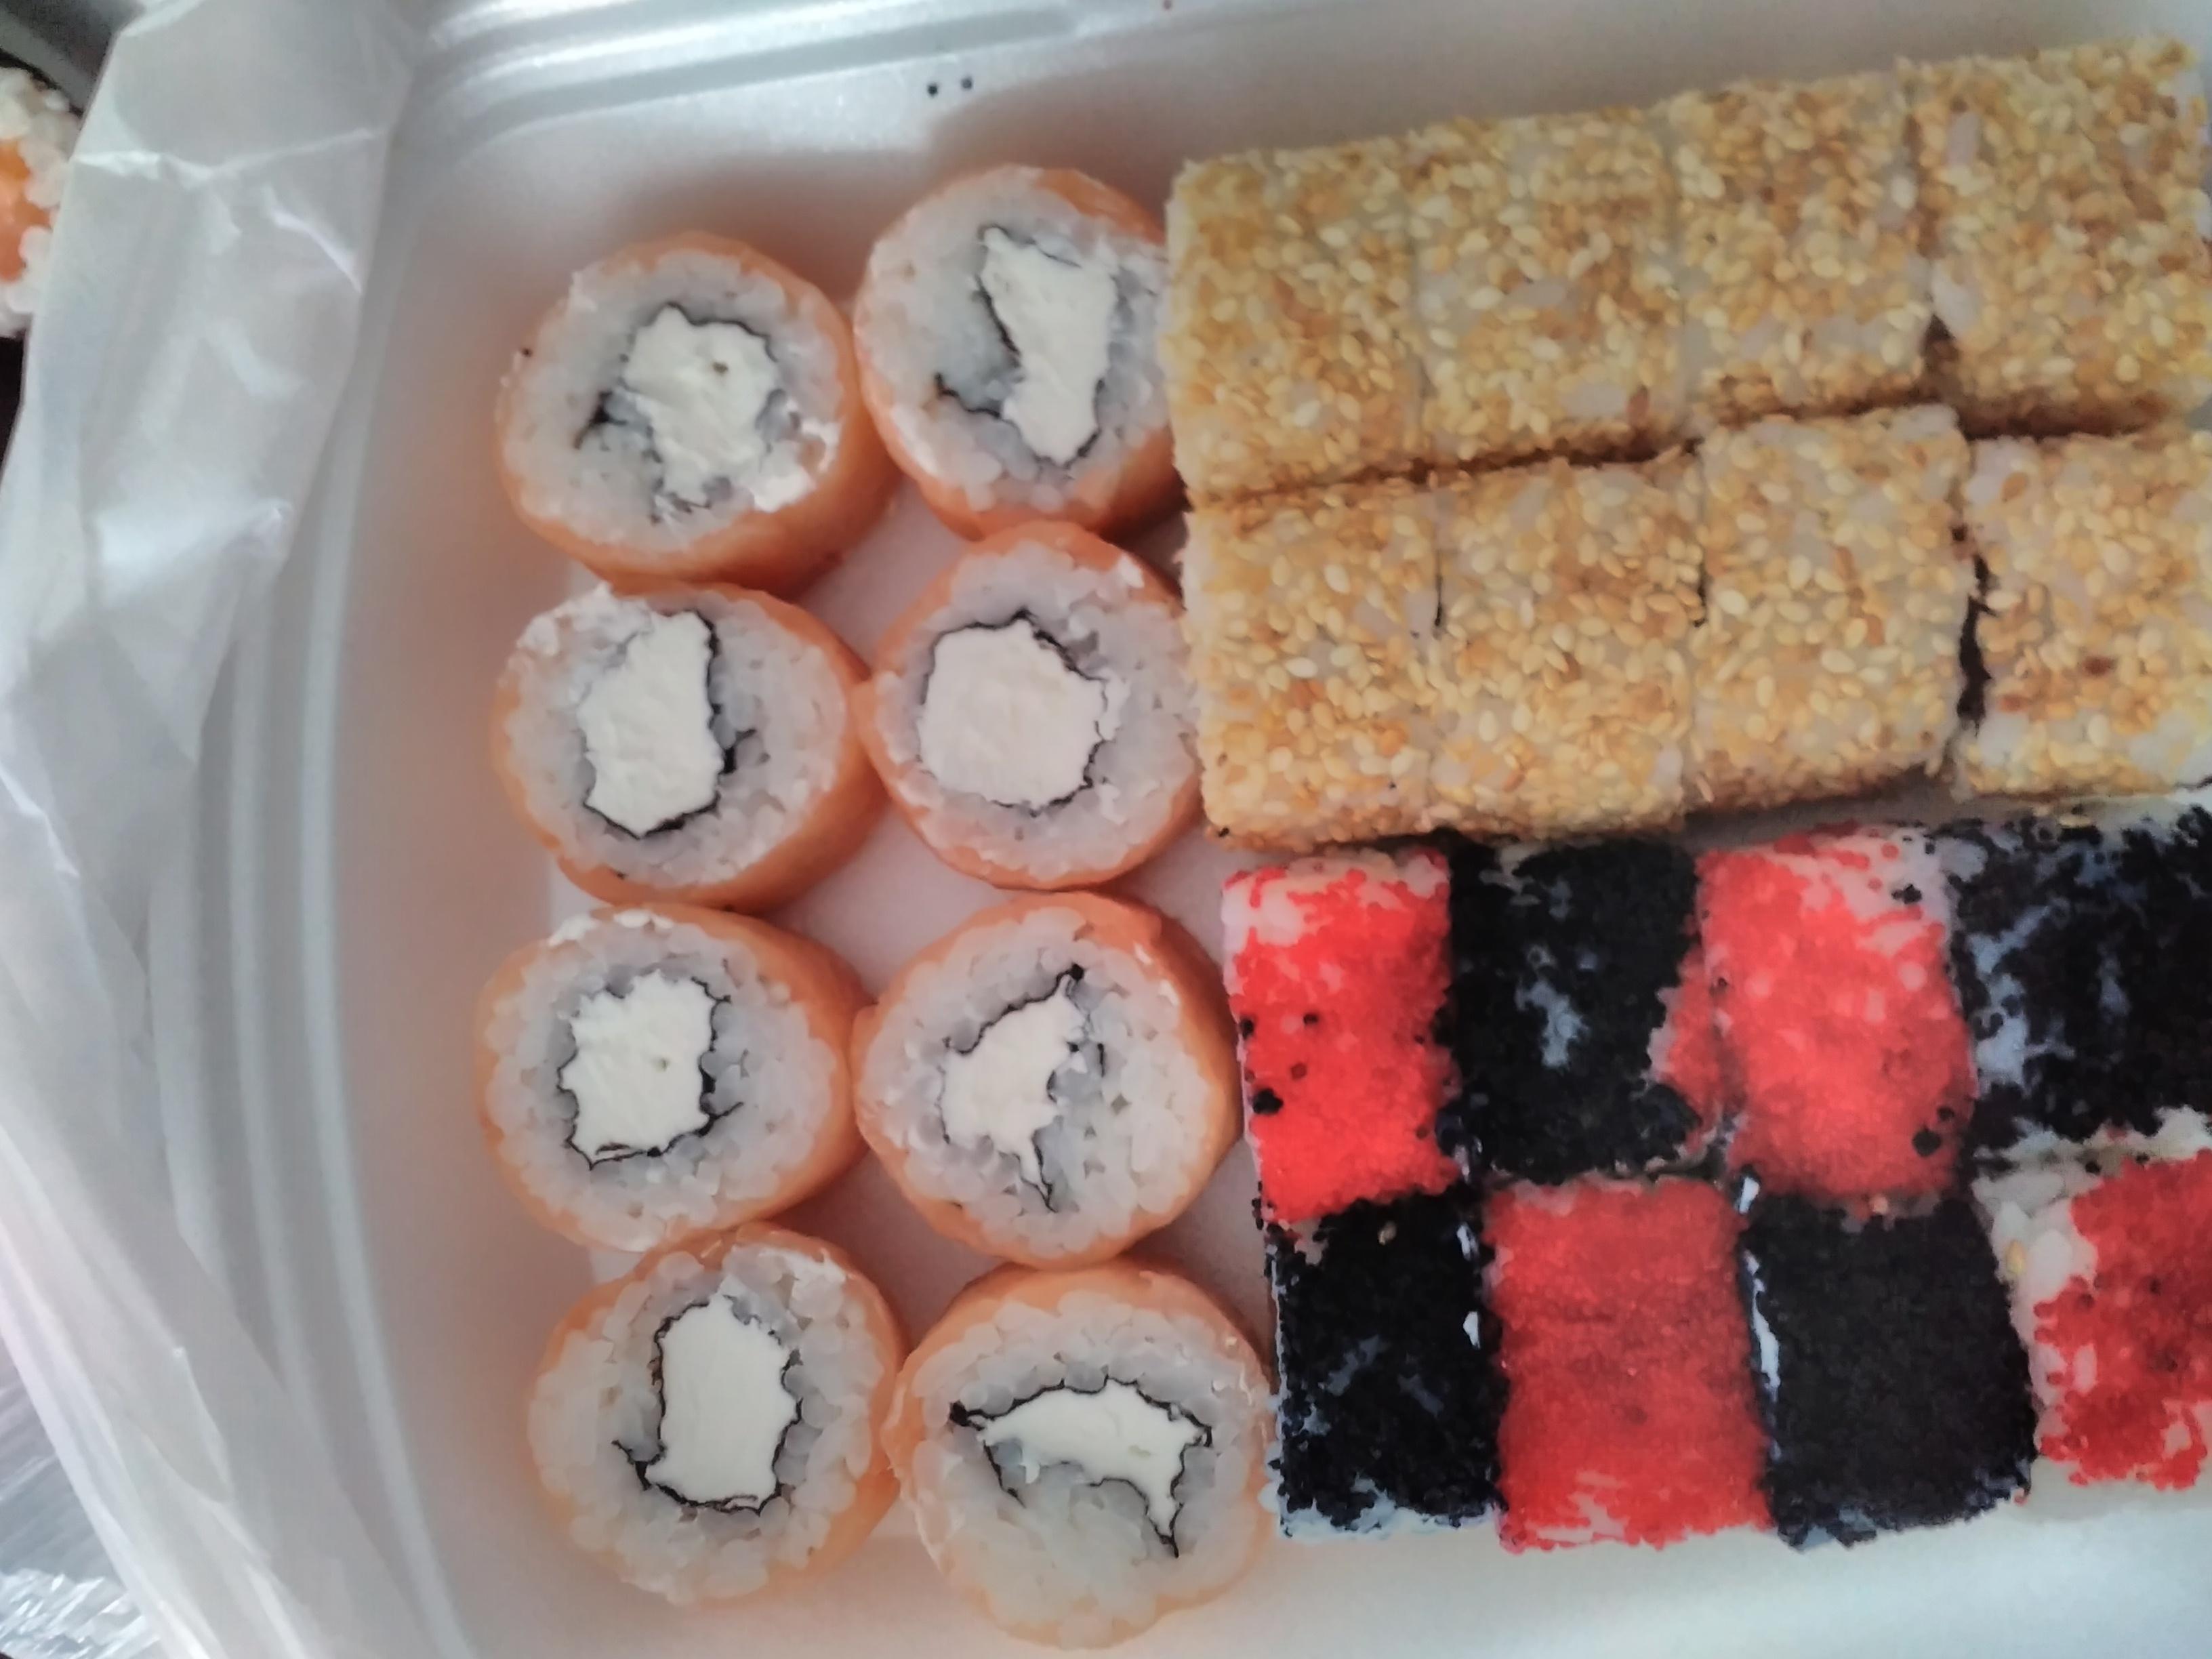 Мы предлагаем богатый выбор японской кухни по приемлемым ценам.